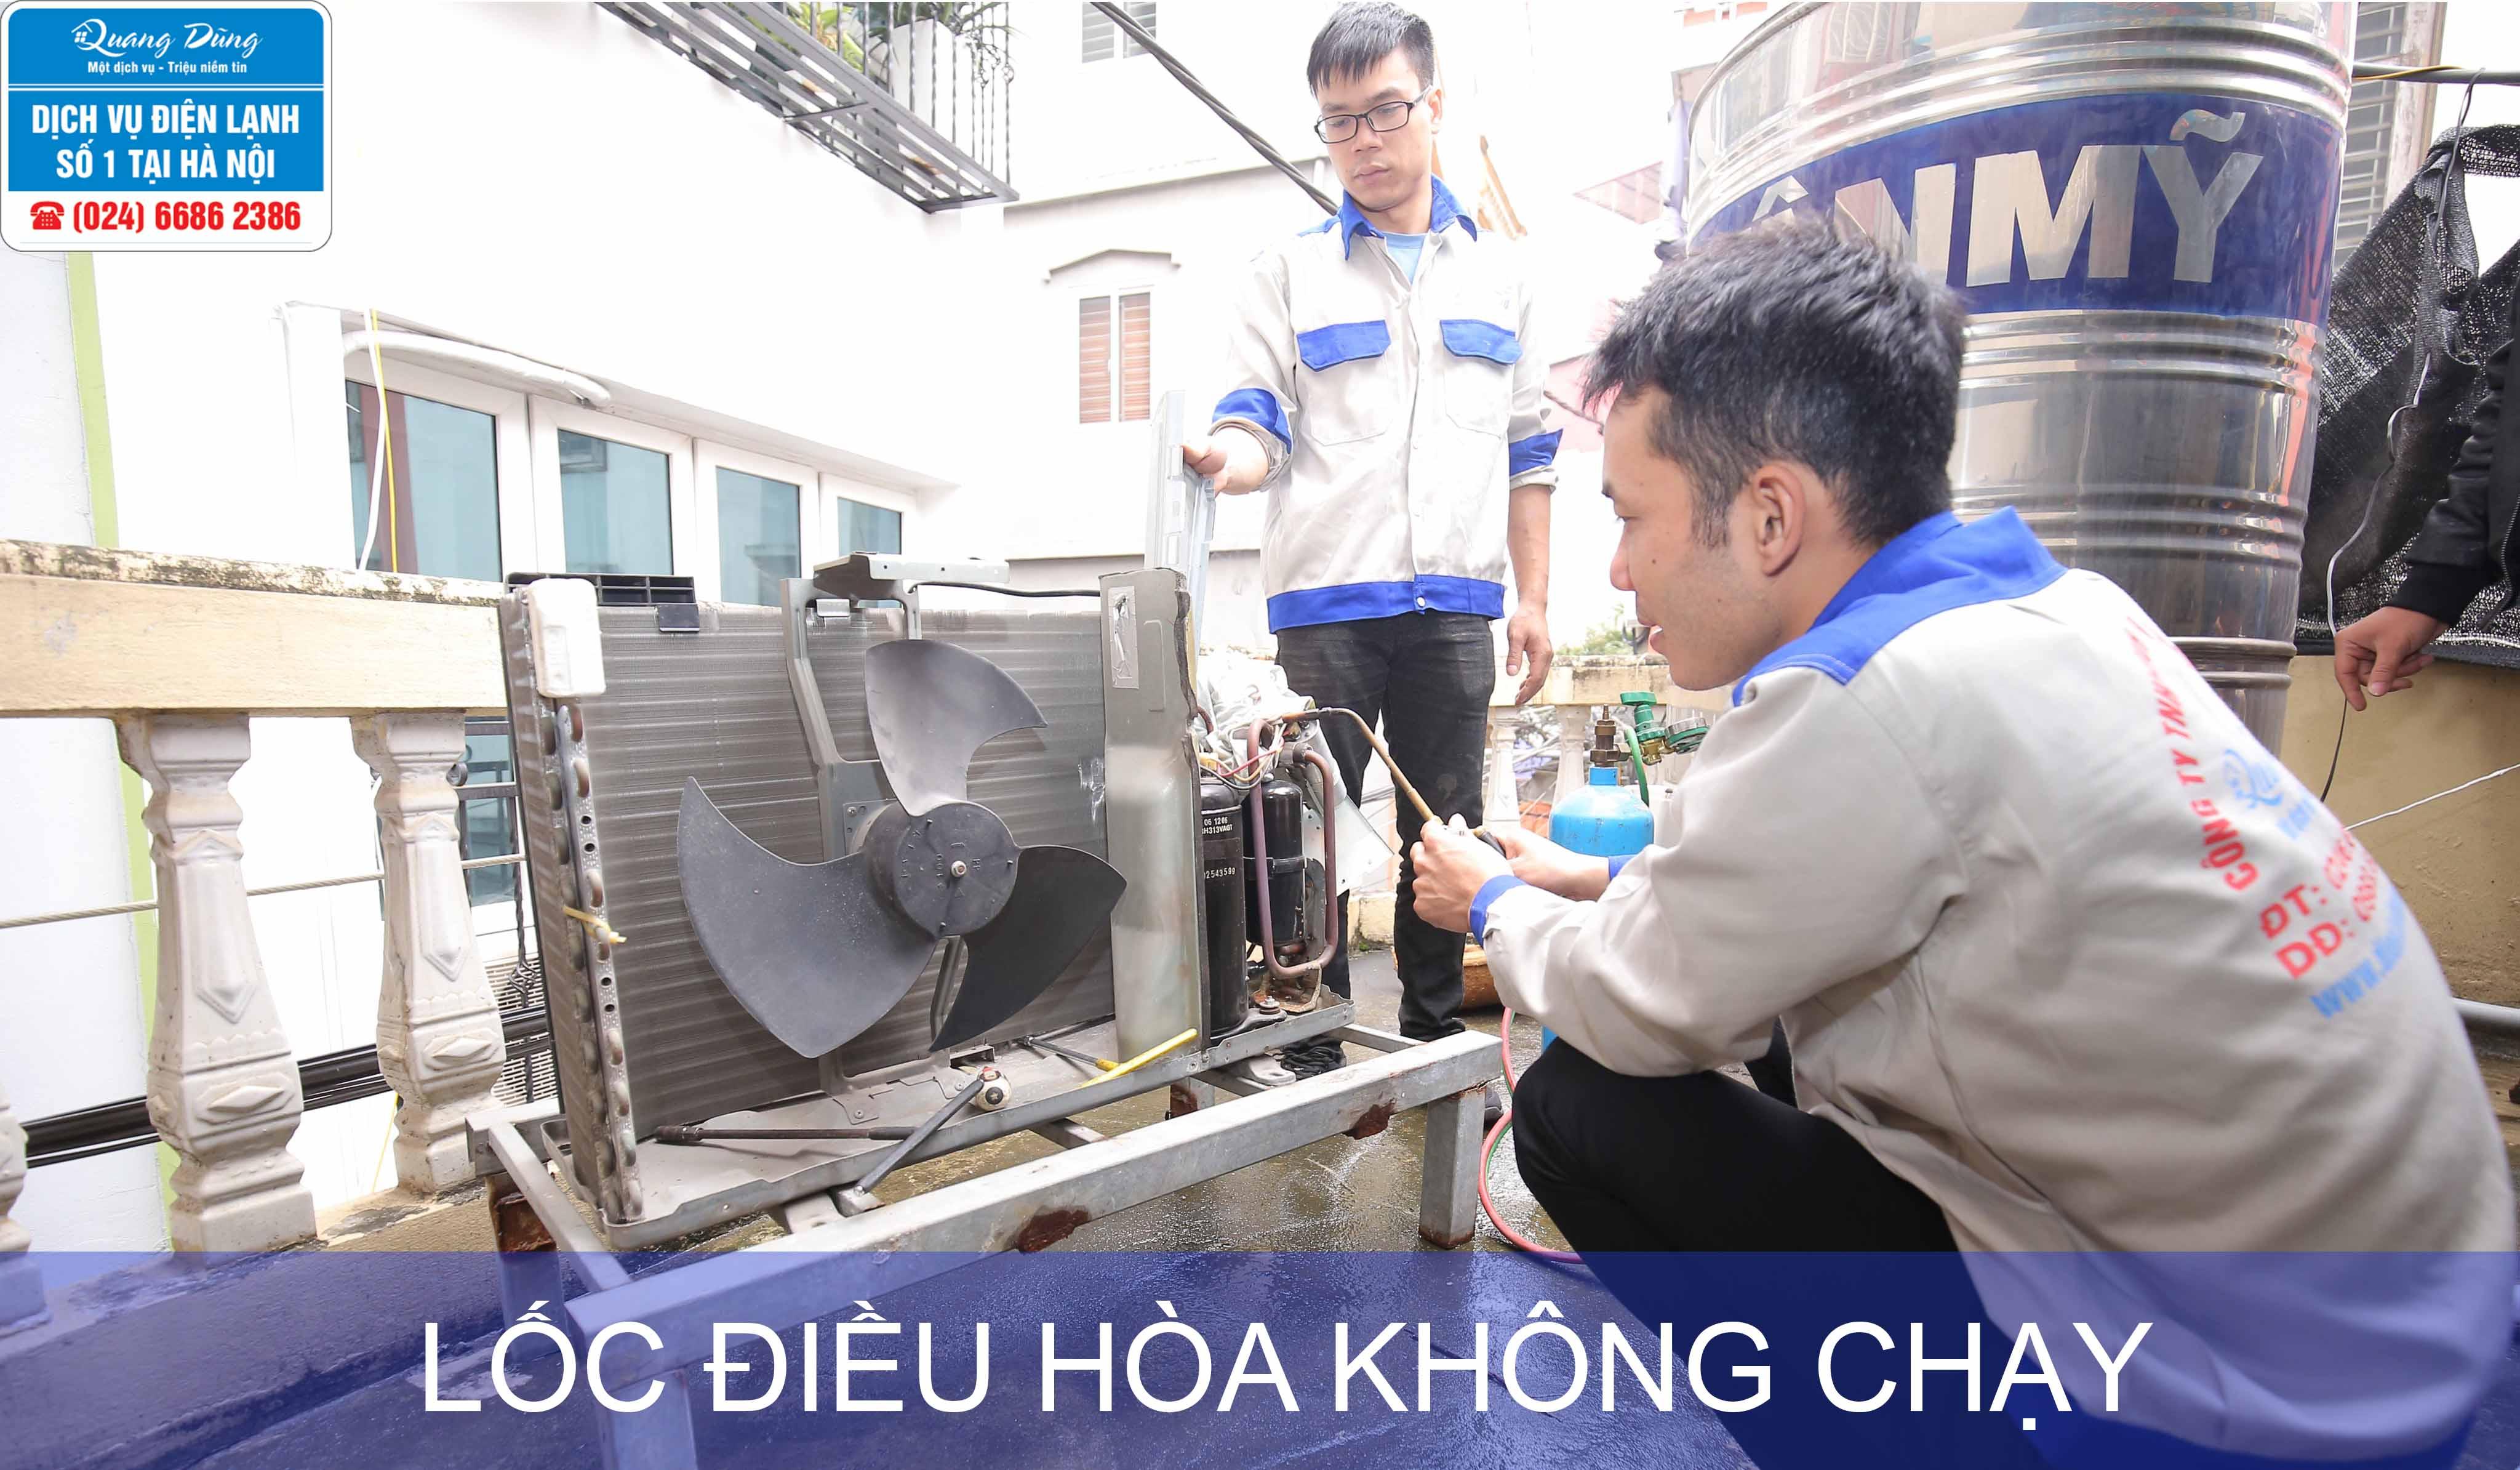 loc dieu hoa khong chay